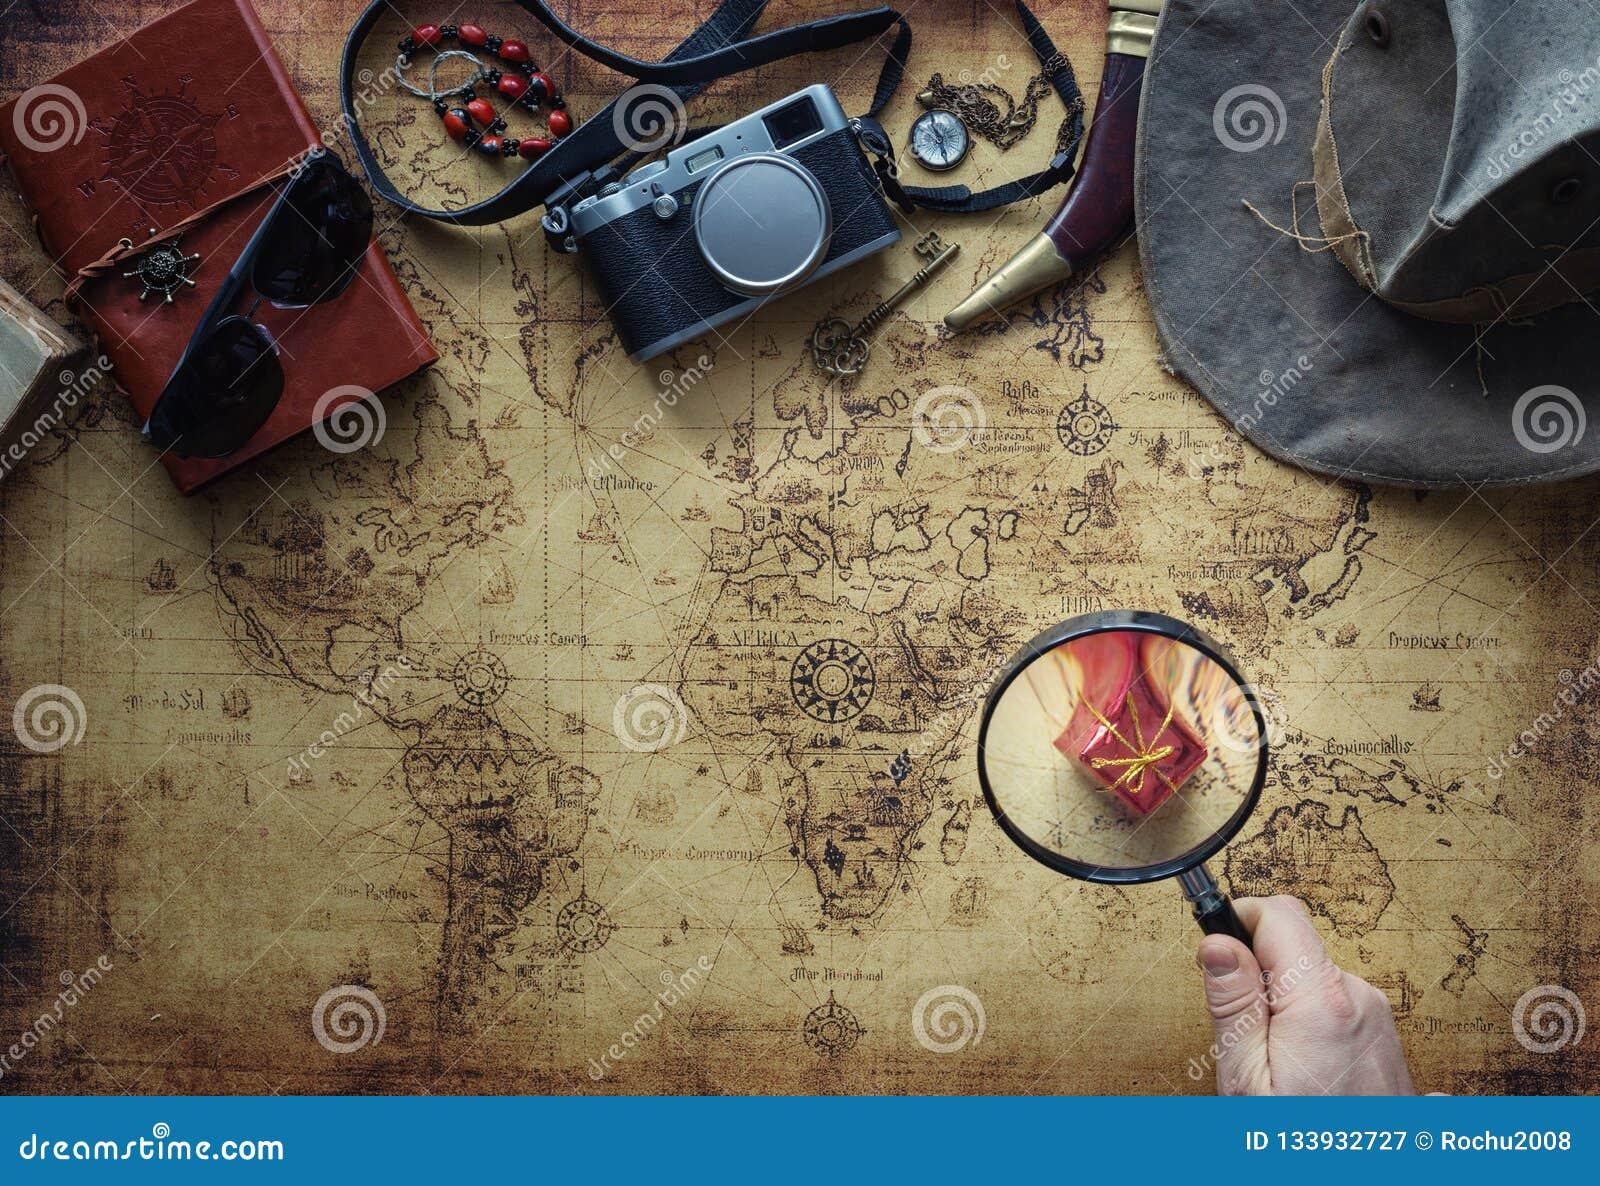 Старая карта и винтажная концепция оборудования/экспедиции перемещения, поиск сокровищ